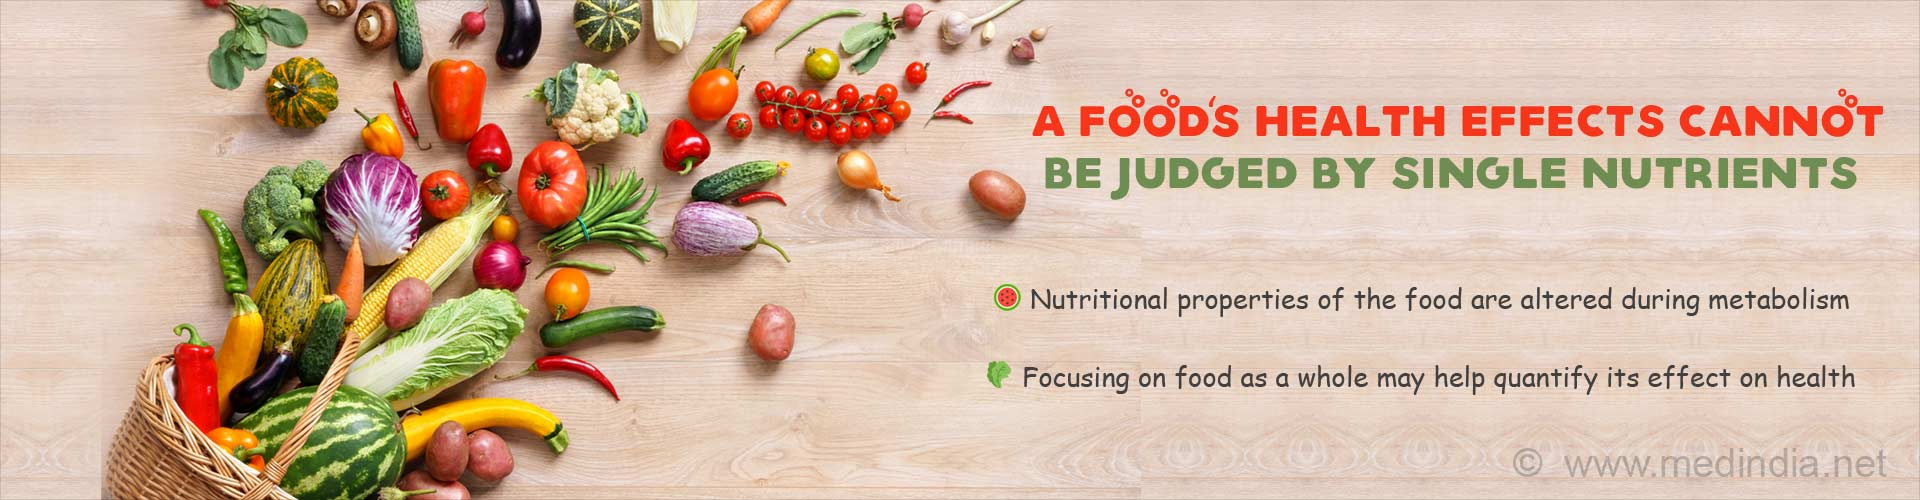 We Eat Food, Not Nutrients